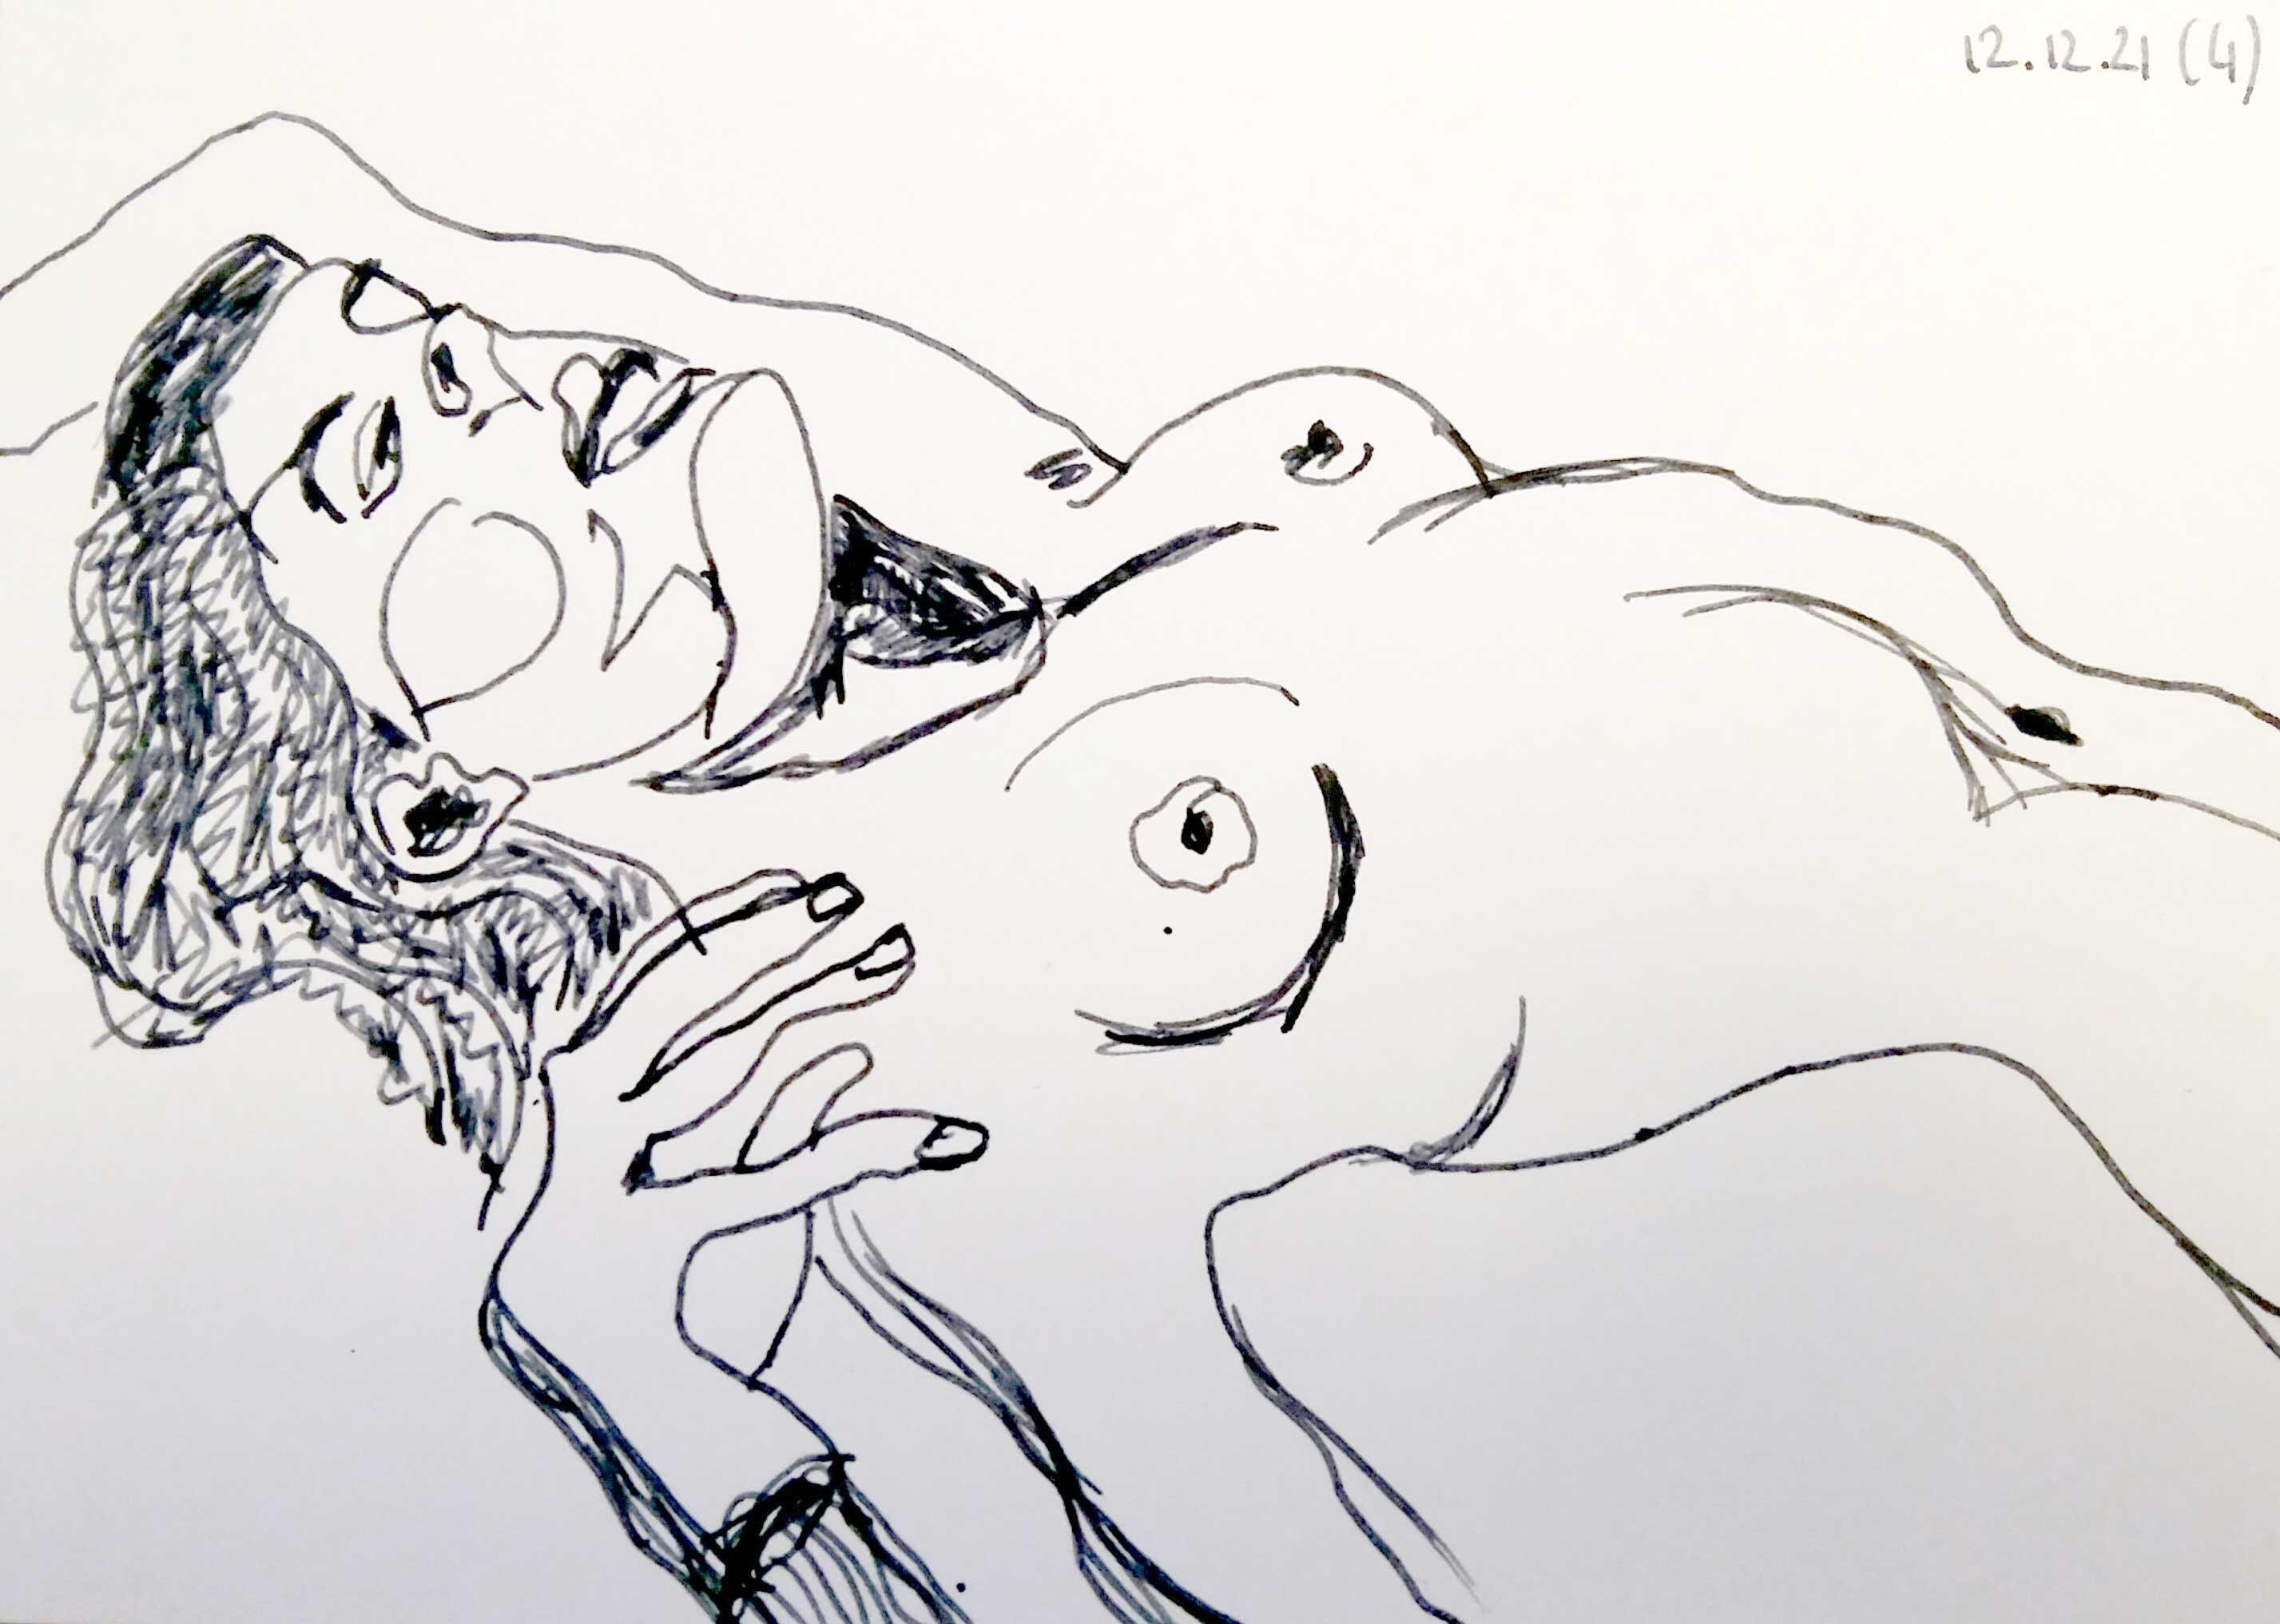 Dessin feutre portrait buste femme allong� sur papier  cours de dessin